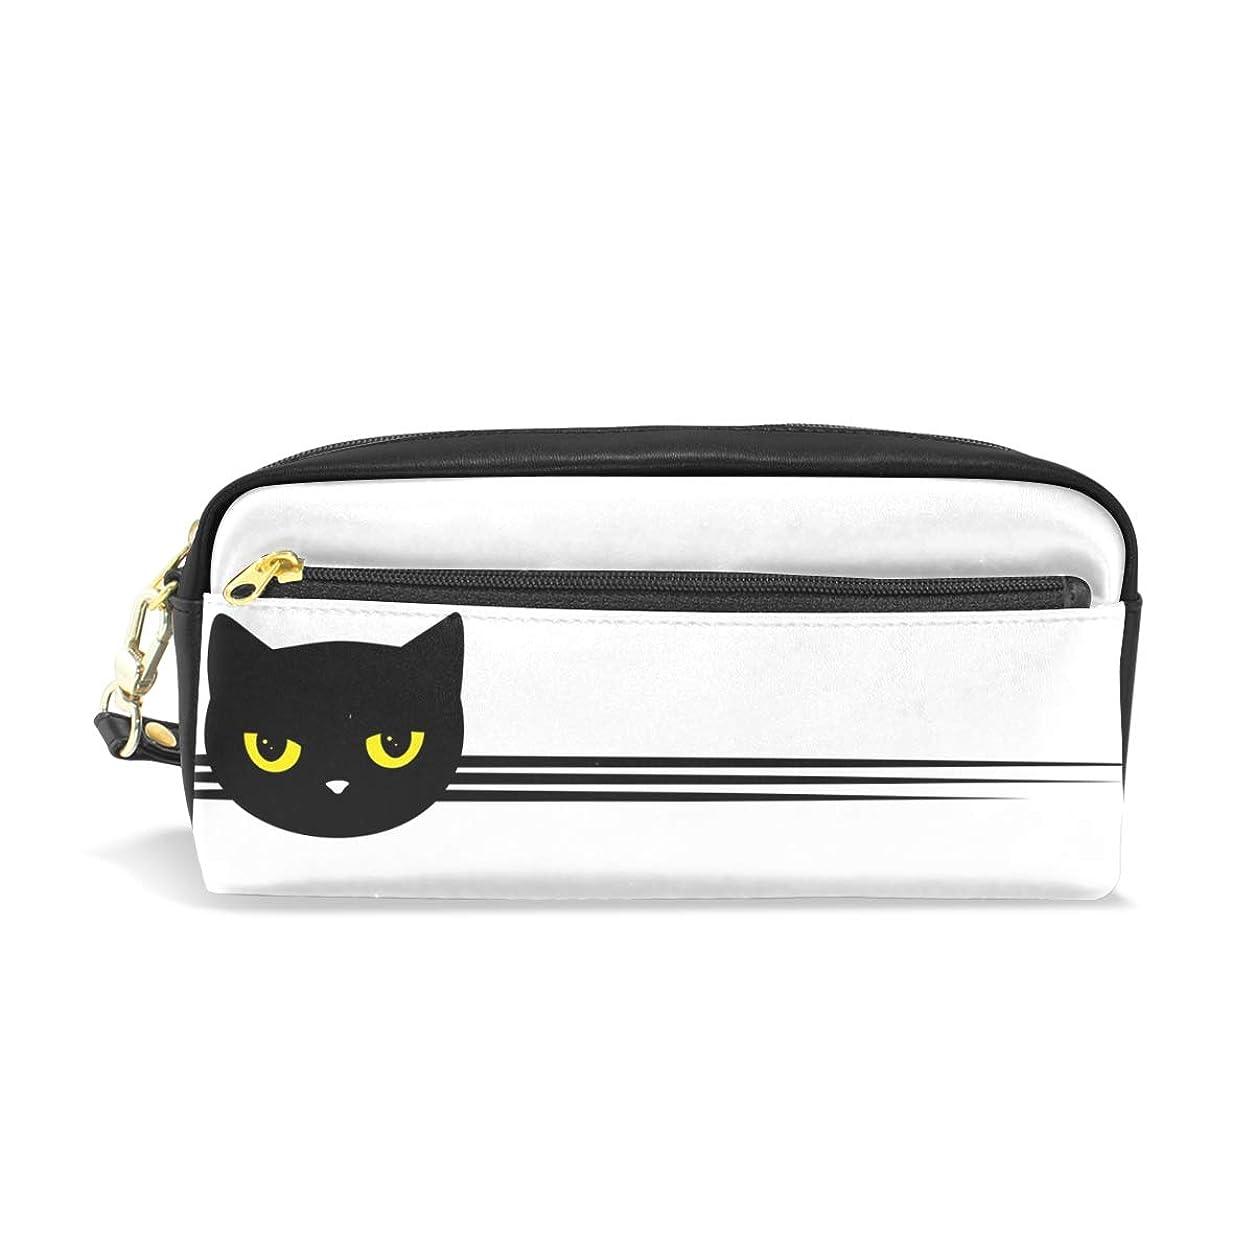 電信ビートけがをするAOMOKI ペンケース 小物入り 多機能バッグ ペンポーチ 化粧ポーチ おしゃれ かわいい 男女兼用 ギフト プレゼント 黒猫 猫柄